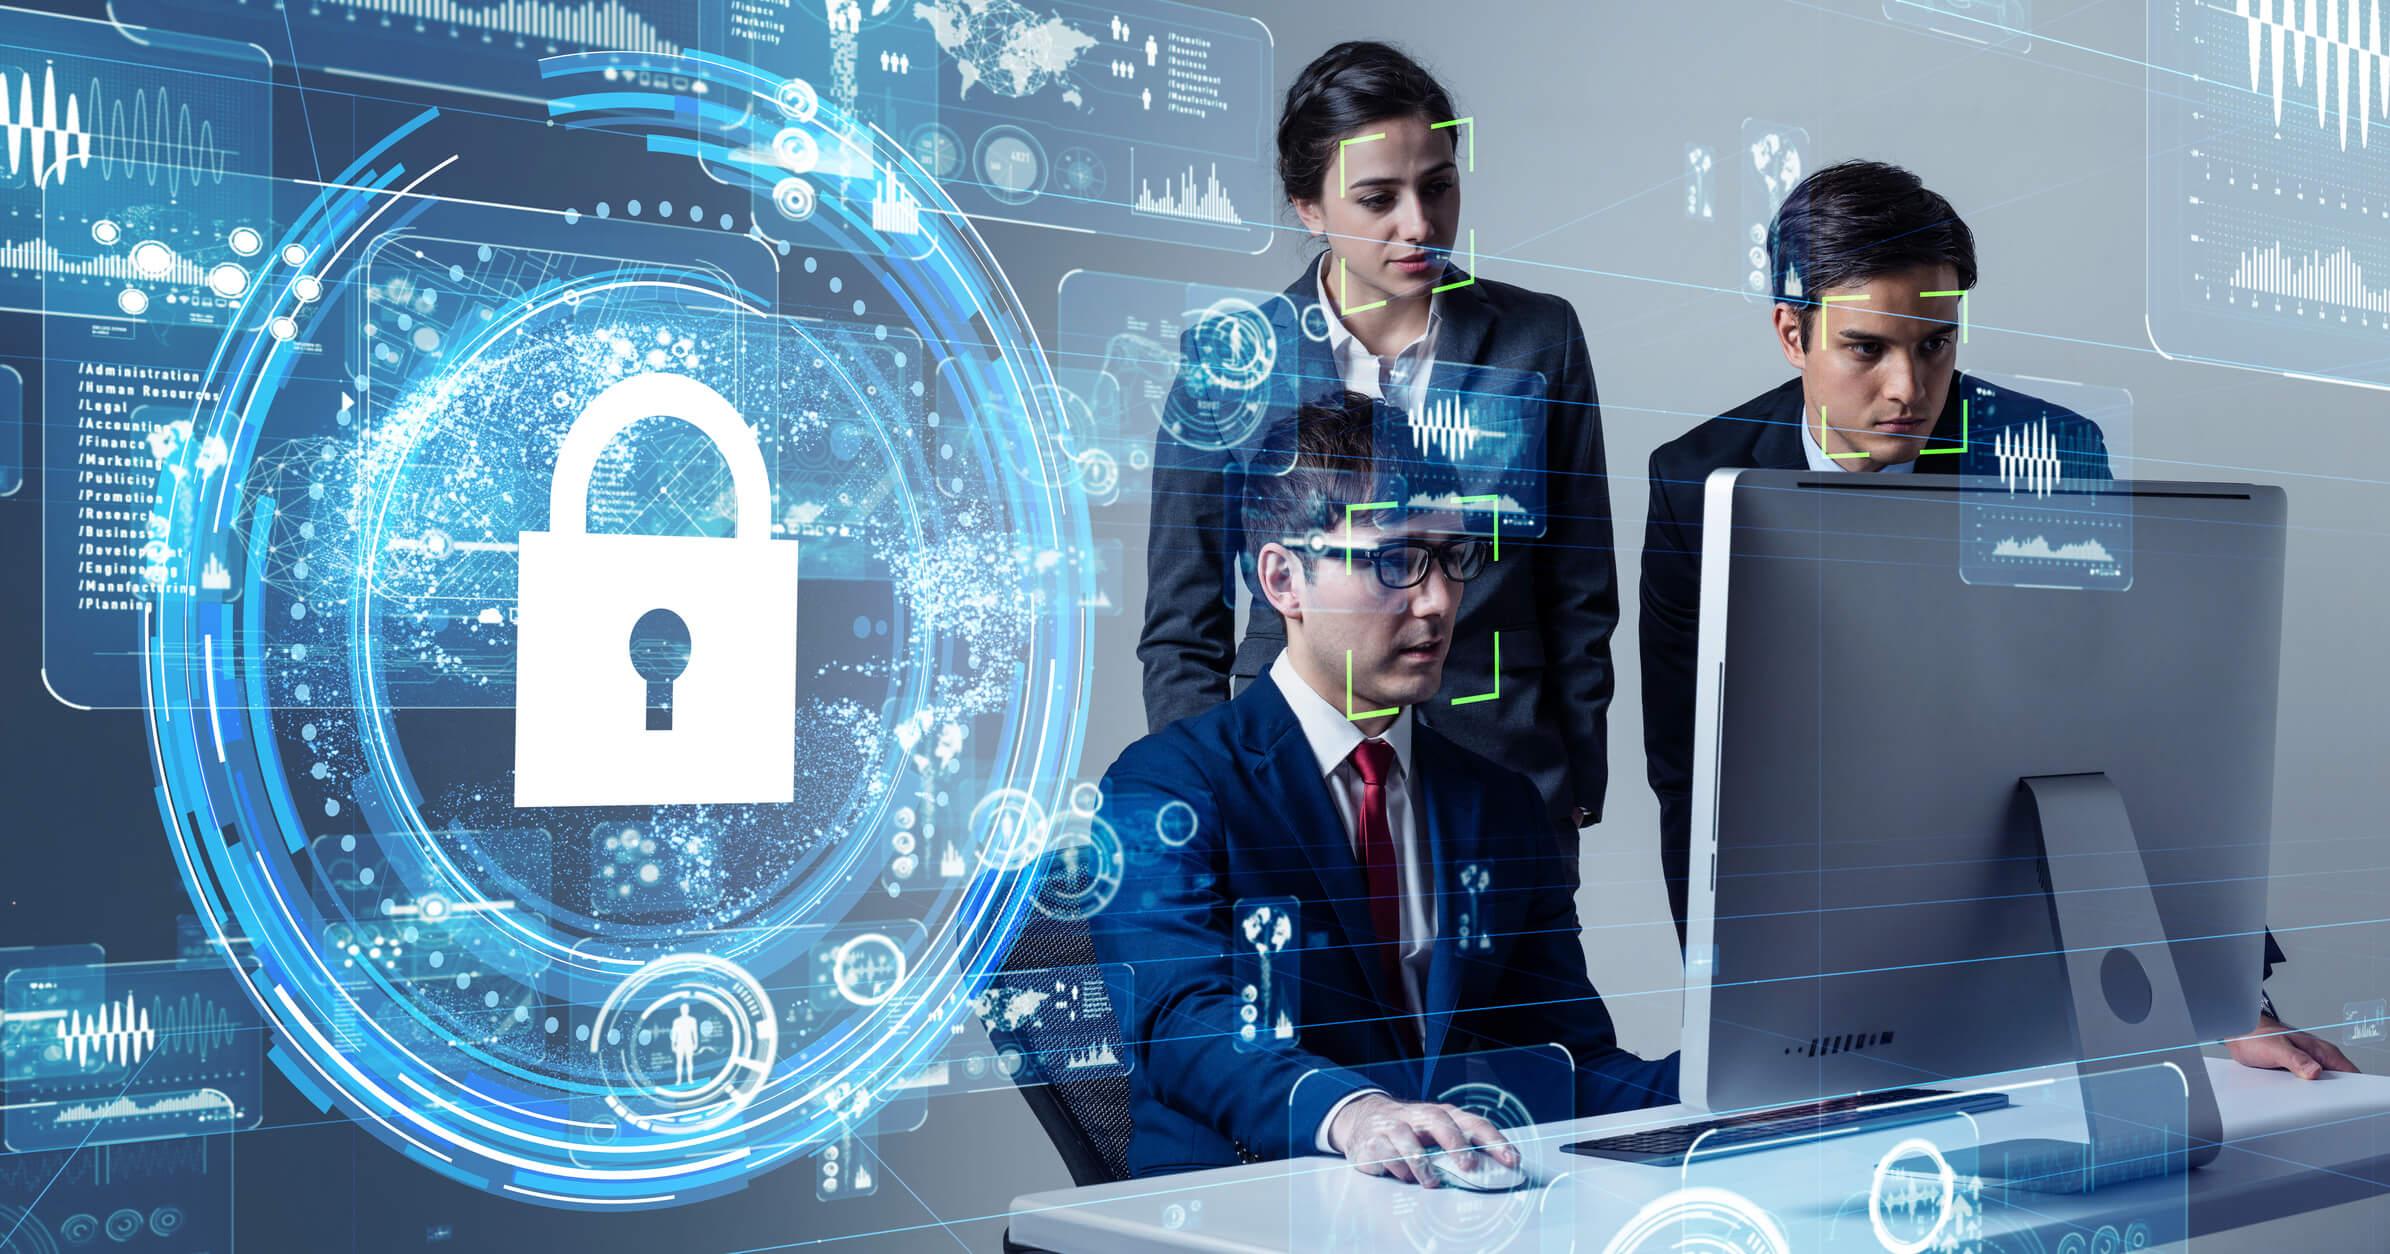 Encriptación: protege los datos de tu negocio y de tus clientes